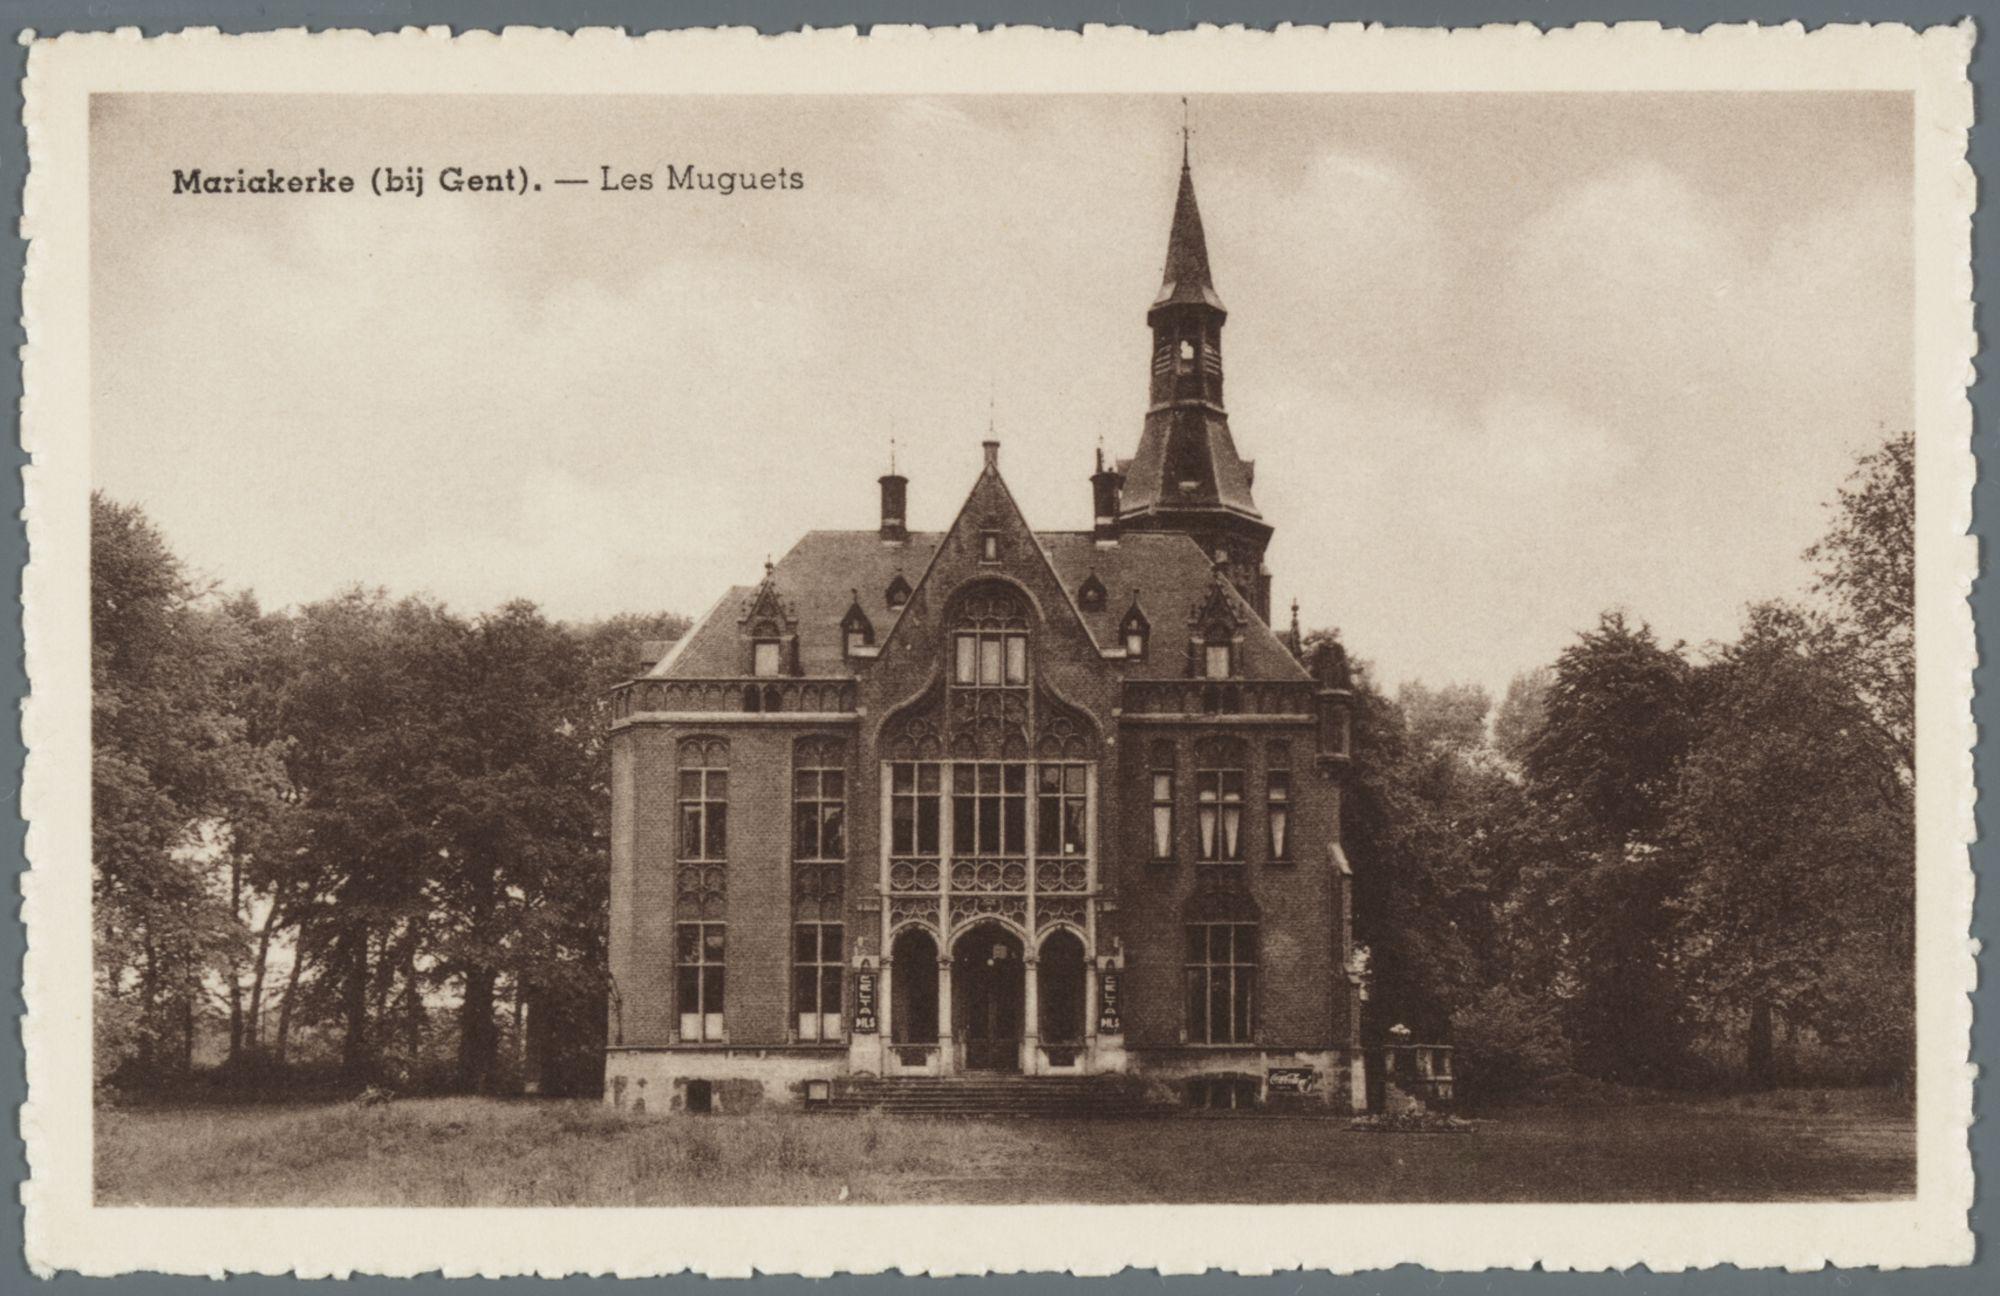 Mariakerke (bij Gent): Les Muguets